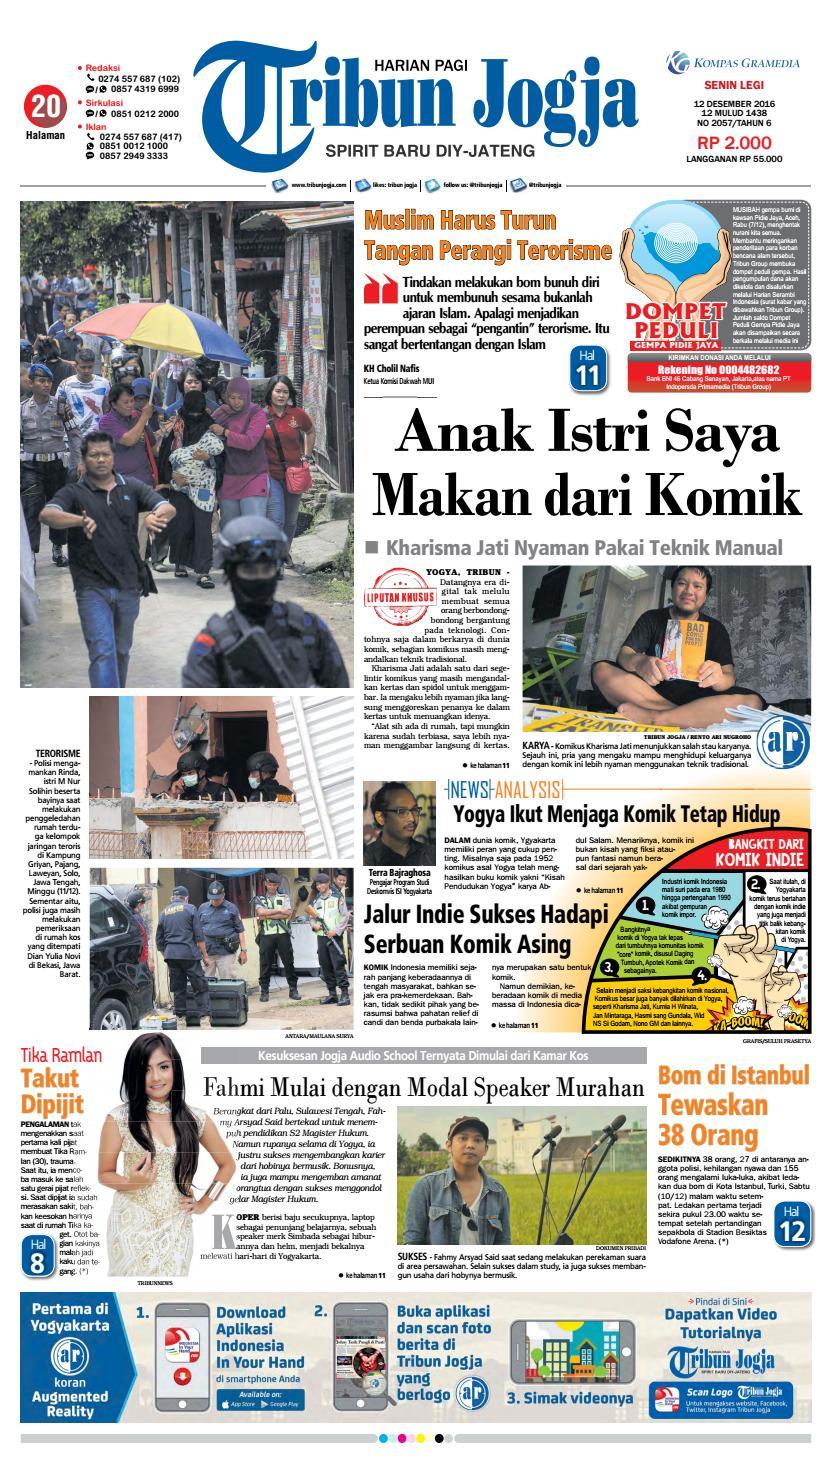 Tribunjogja 12 2016 By Tribun Jogja Issuu Produk Ukm Bumn Kain Batik Eksklusif Lasem Manuk